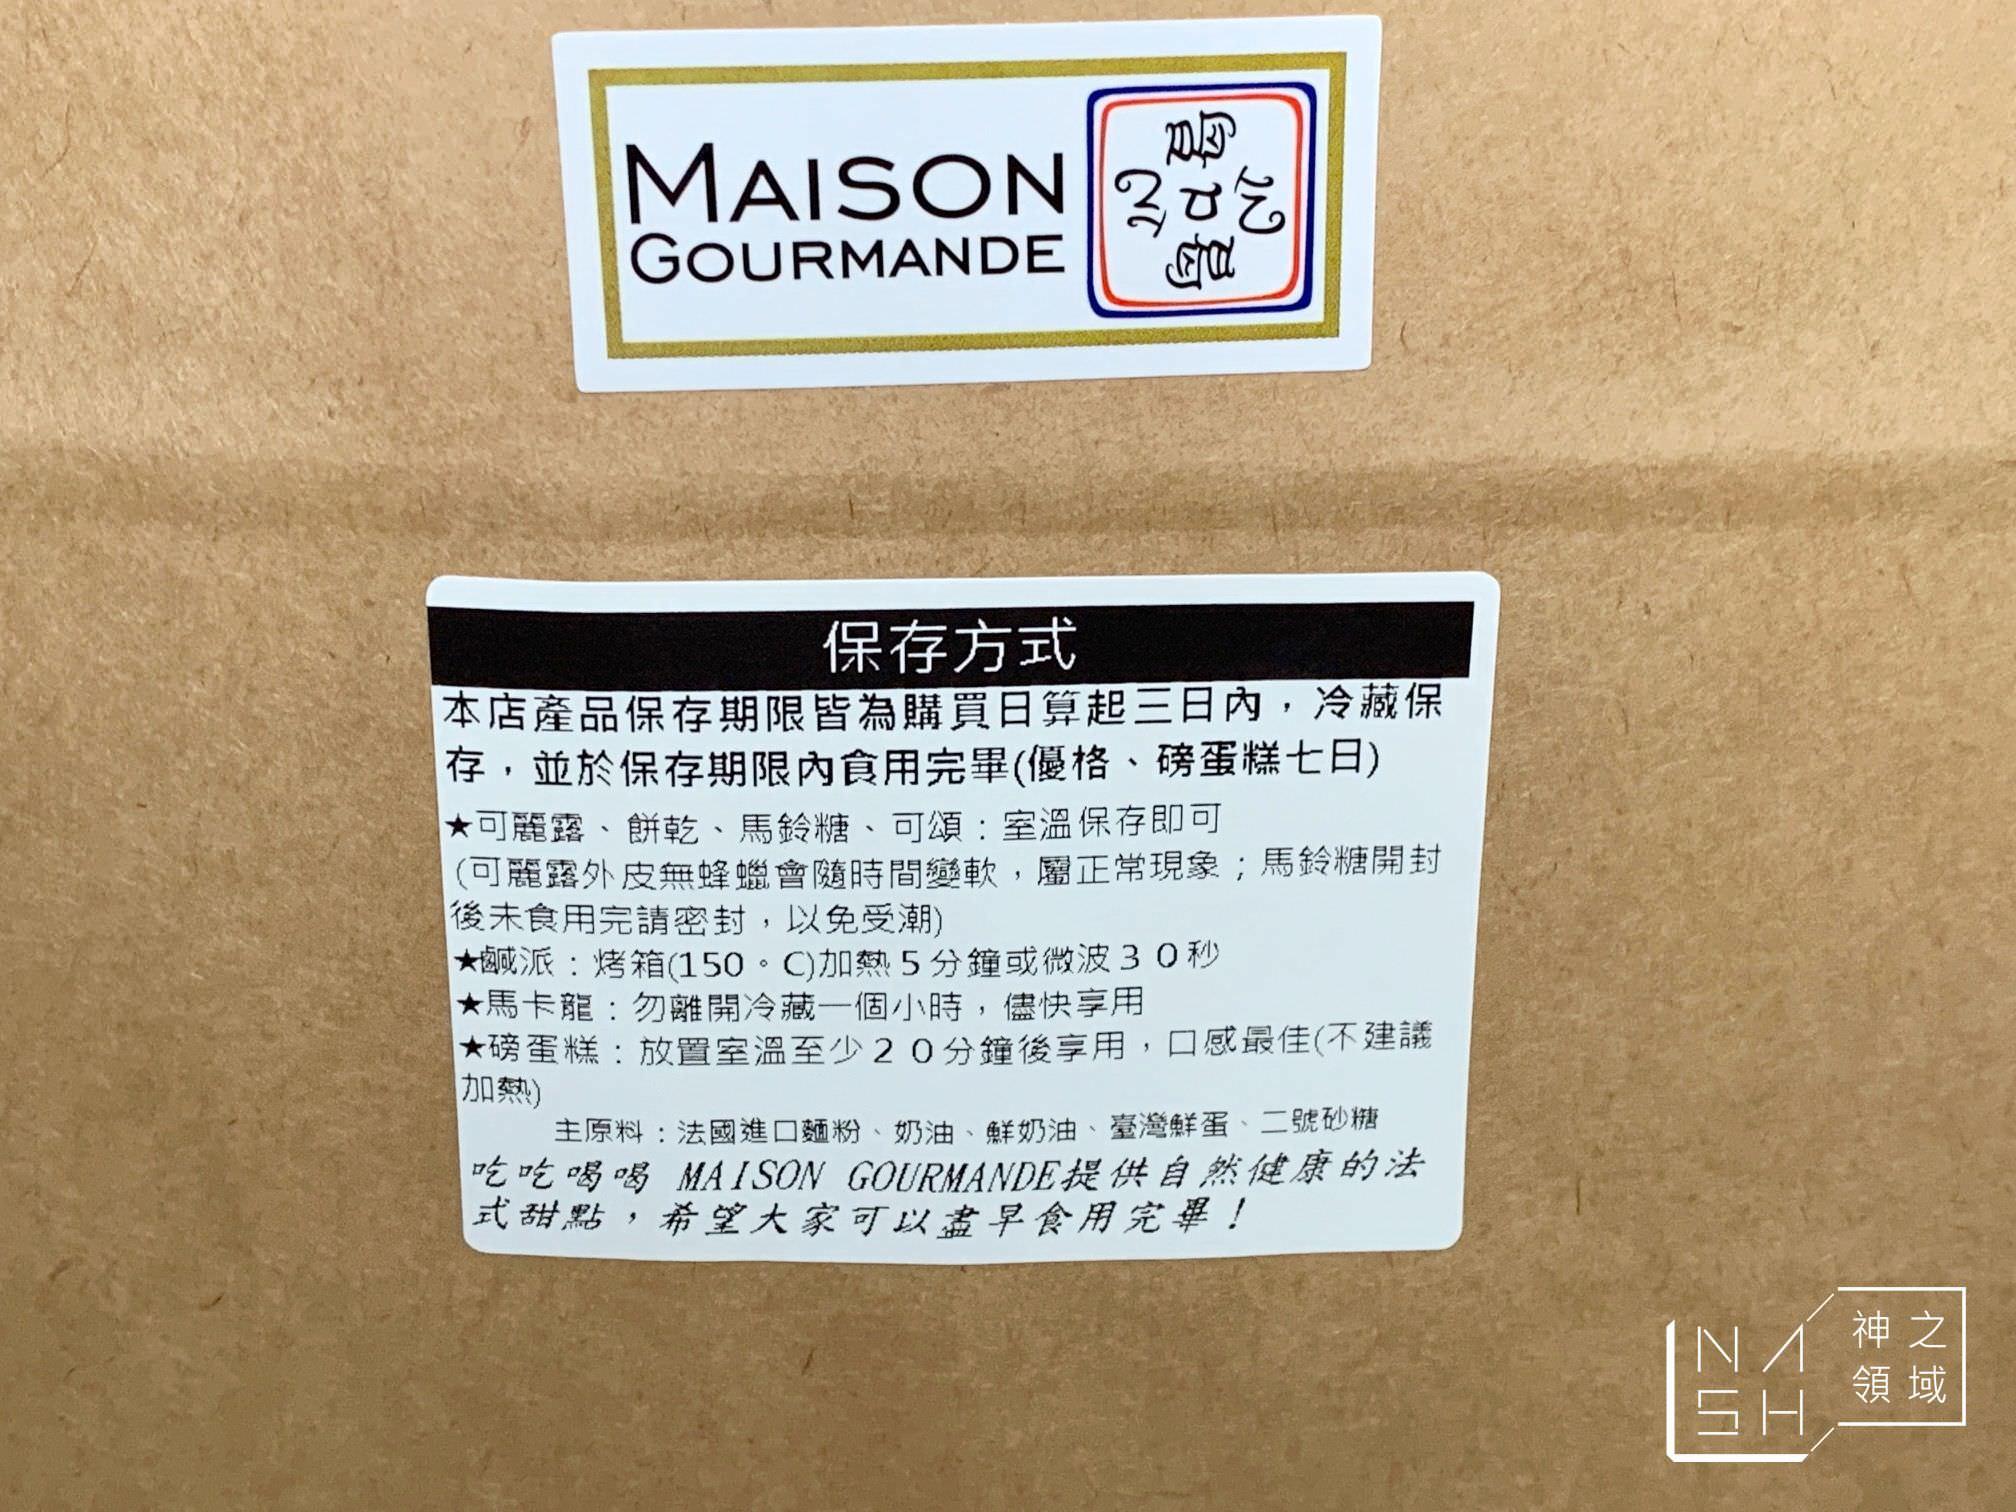 MAISON GOURMANDE